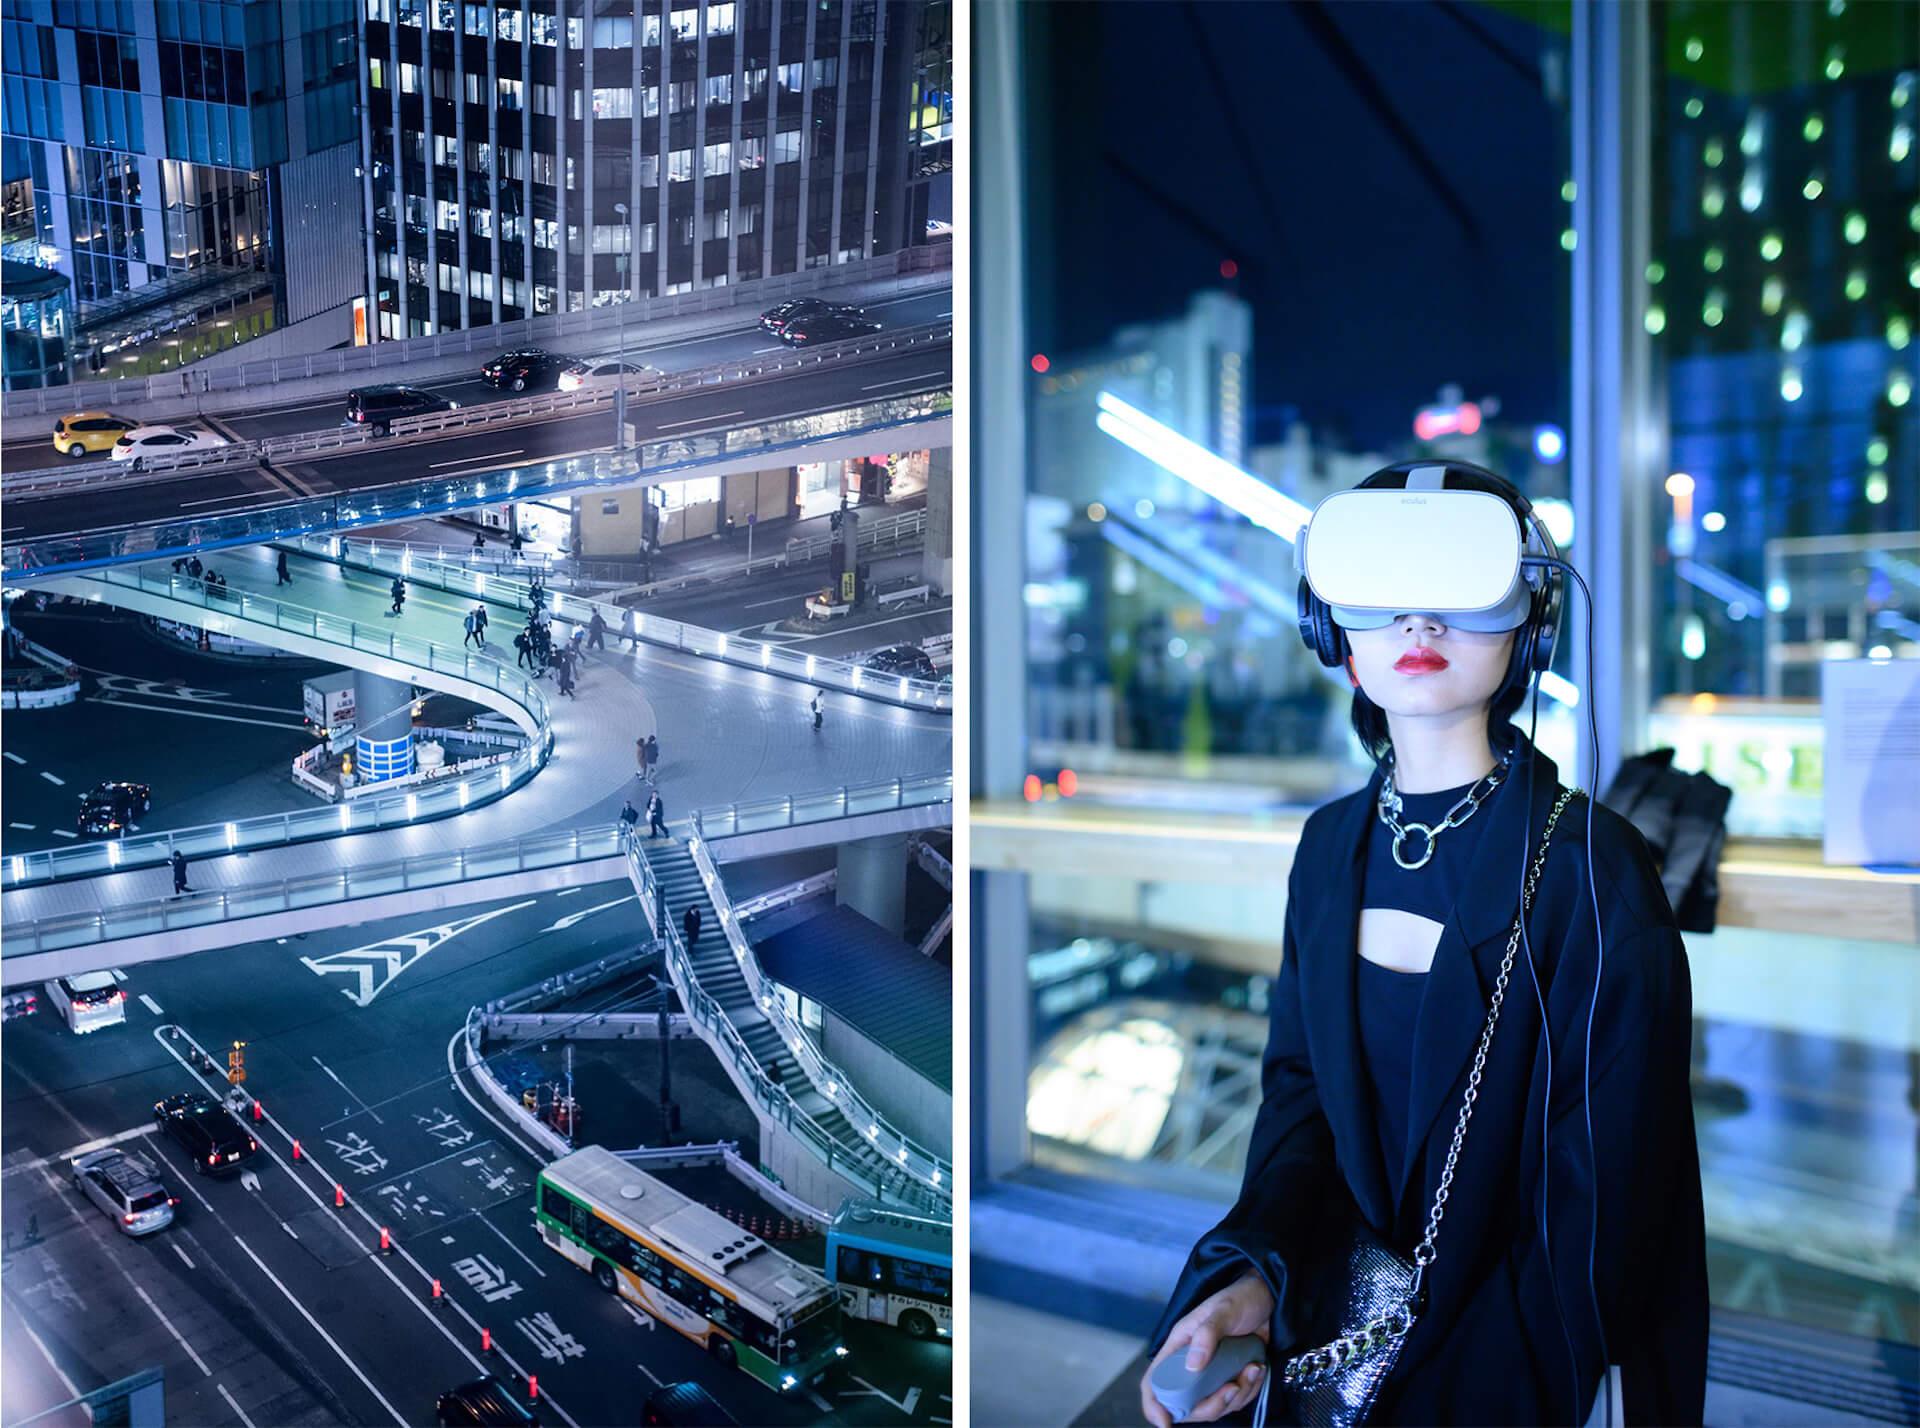 フォトレポート|Kode 9 & Koji Morimotoらが登場した電子音楽&デジタルアートの祭典「MUTEK.JP 2019」 music191219-mutek2019-6